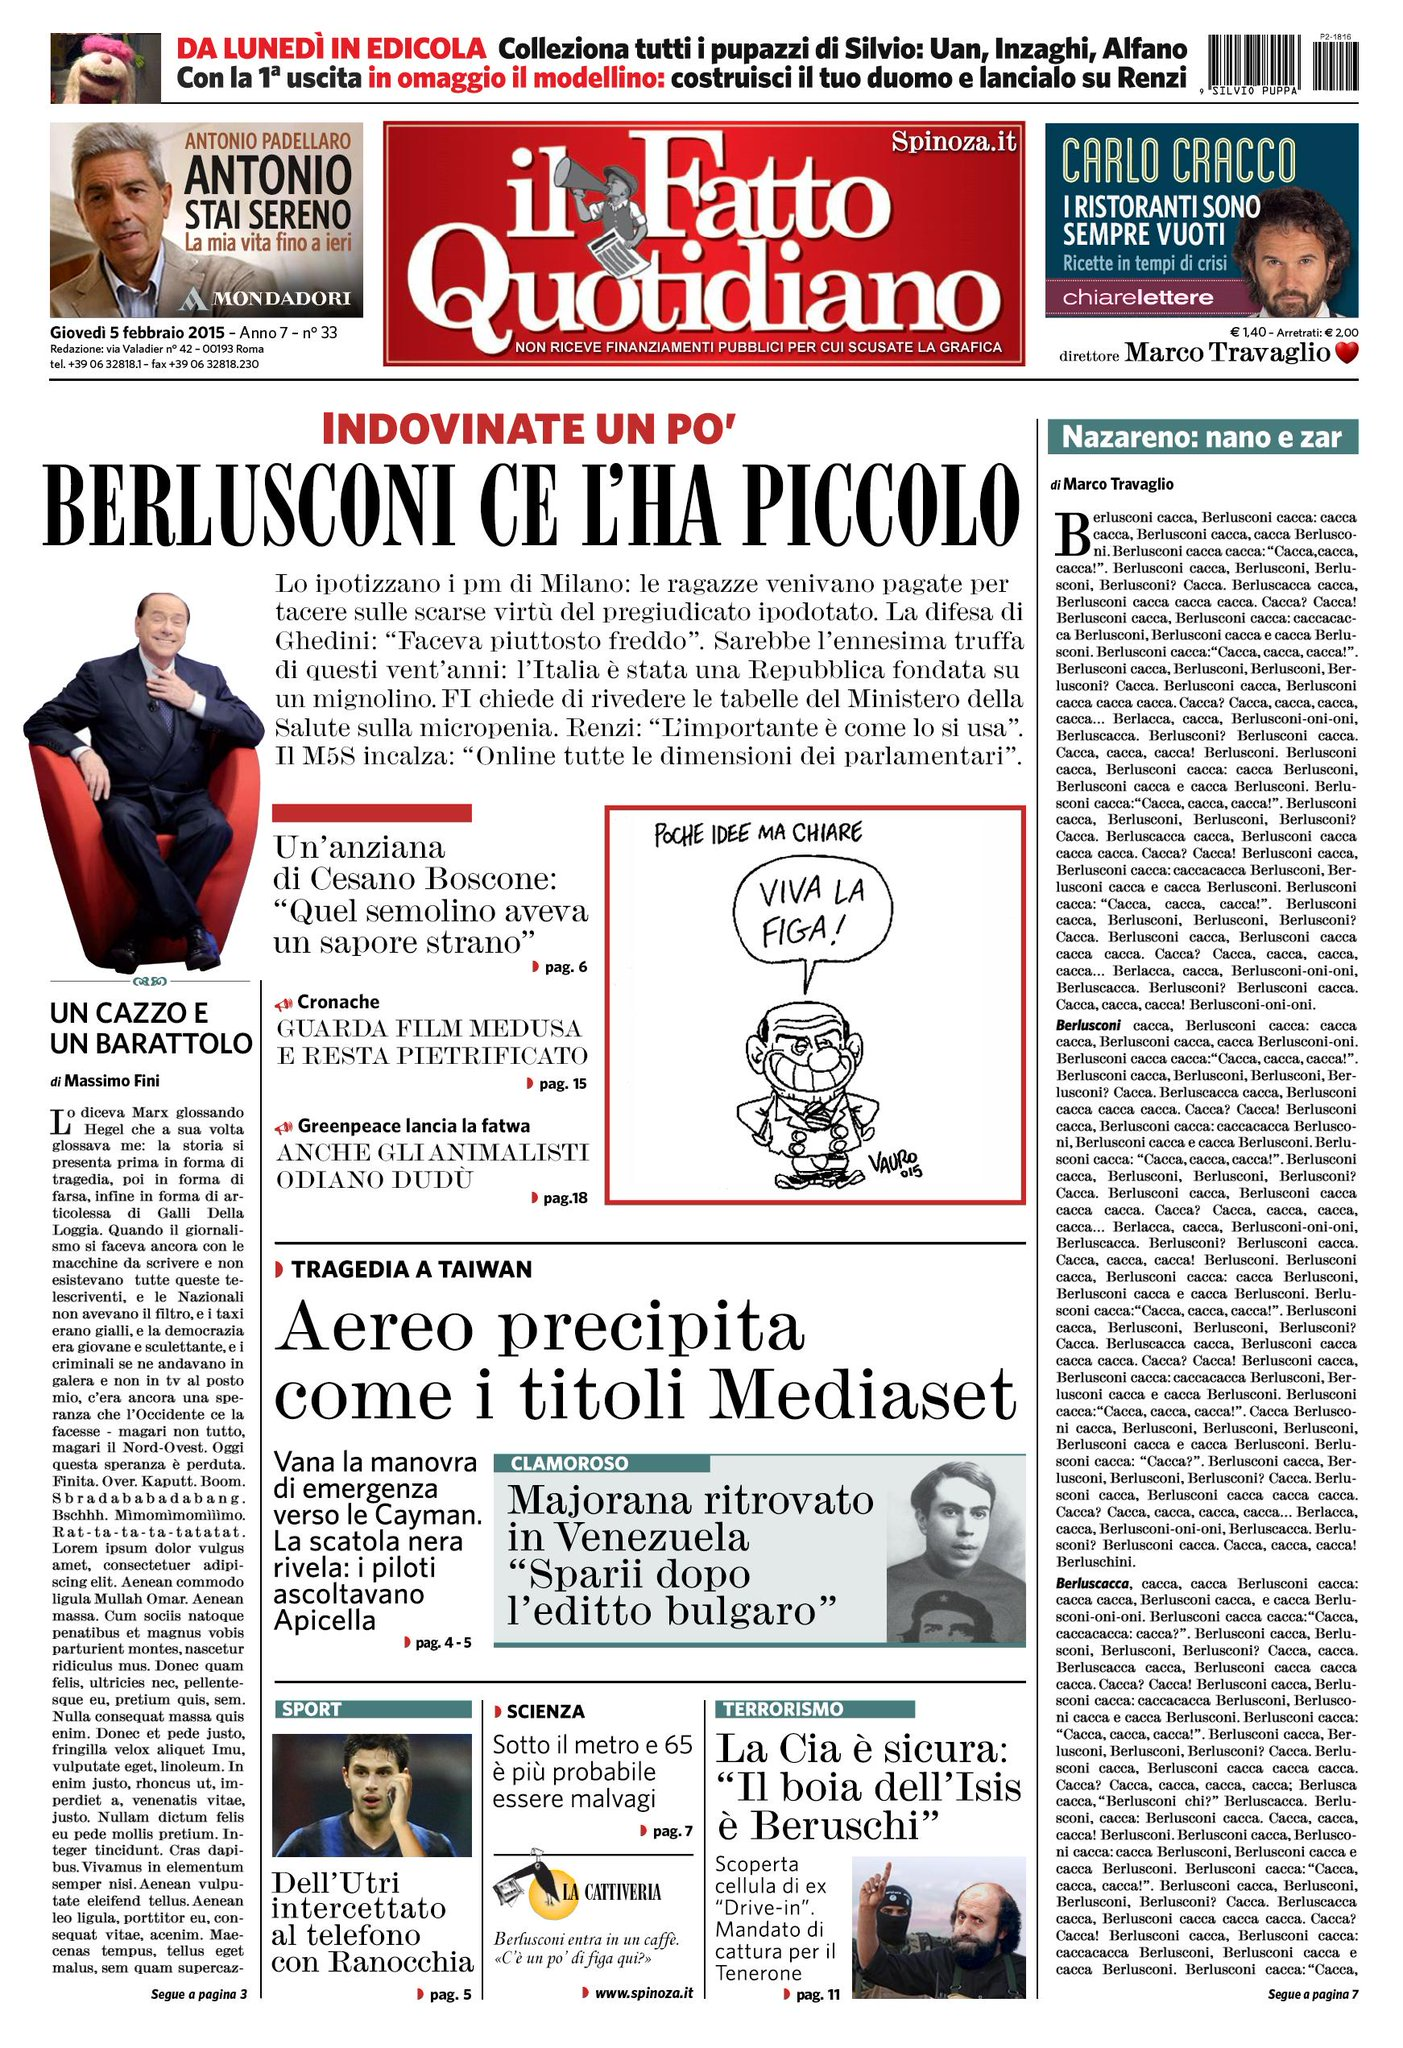 Marco Travaglio è il nuovo direttore del Fatto Quotidiano: questa la prima pagina del nuovo corso del giornale http://t.co/gTrYqiaylW